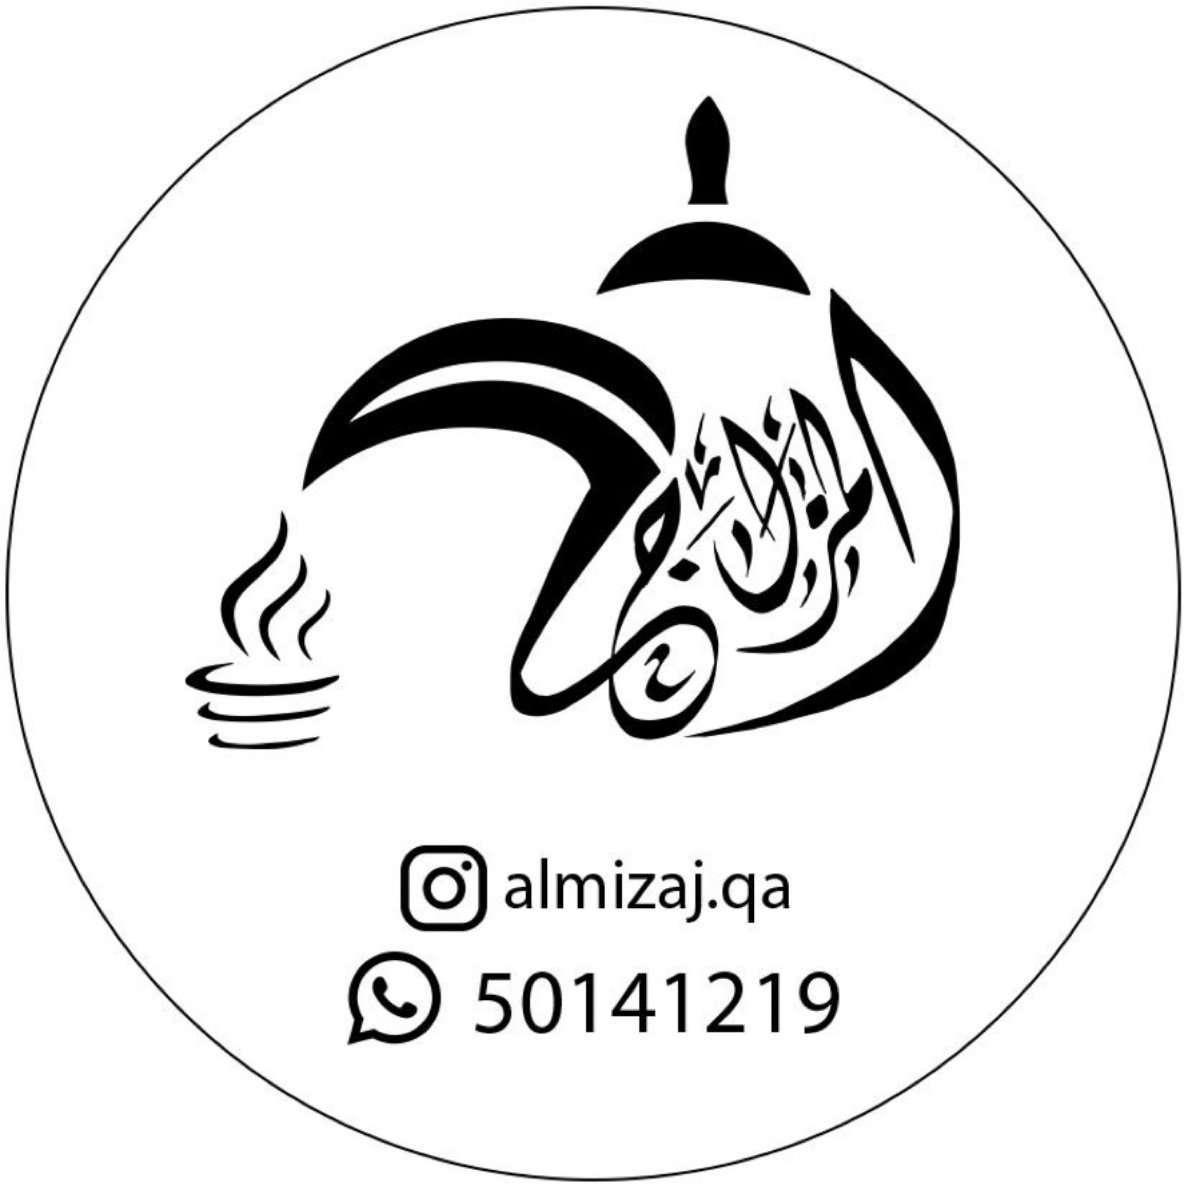 almizaj.qa